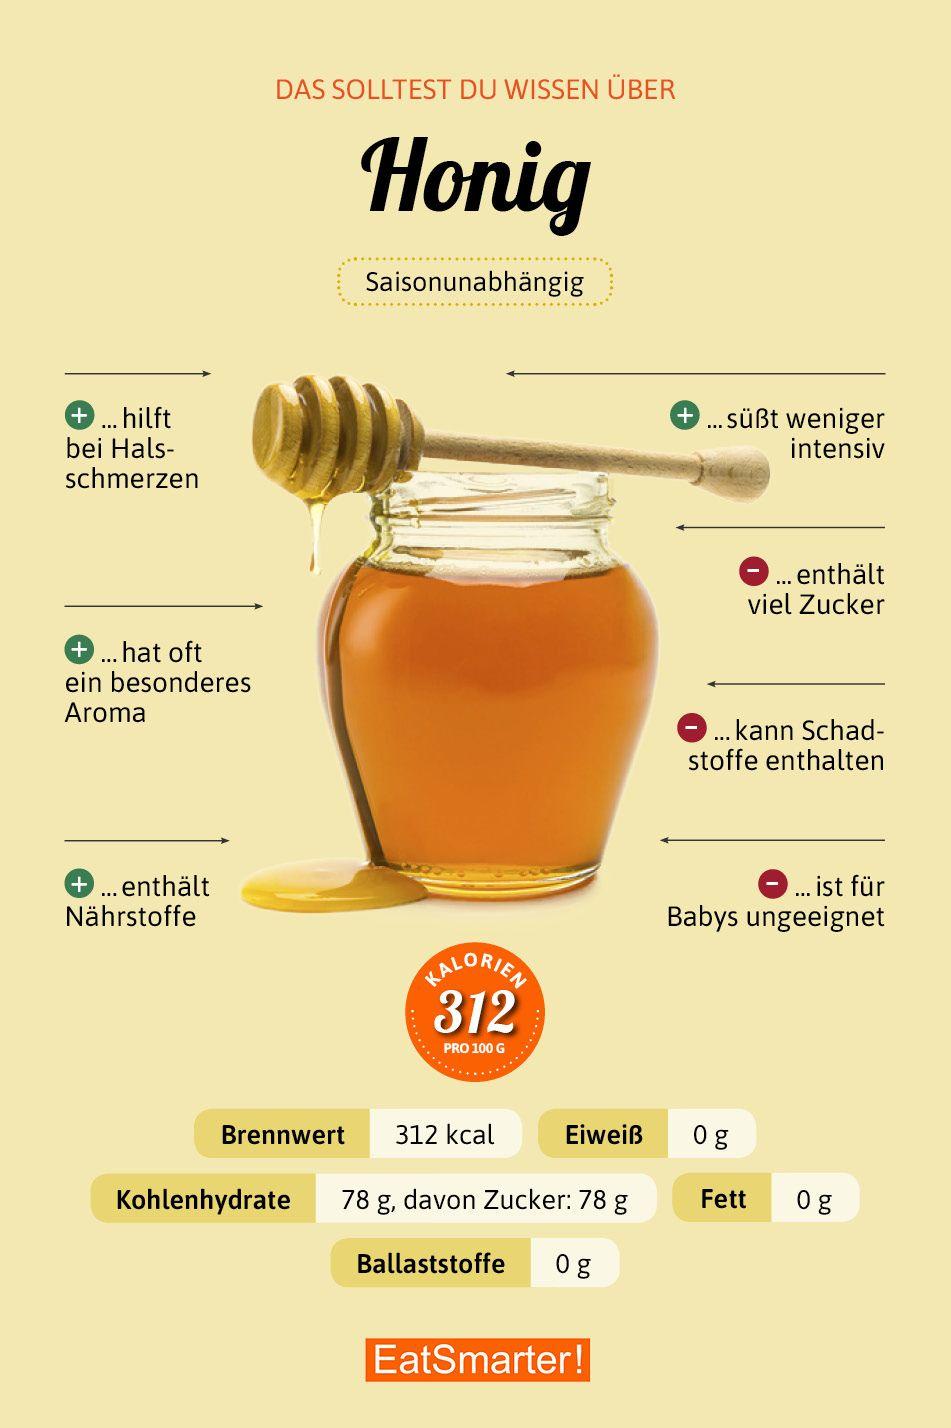 Bienenhonig ist gut für die Ernährung